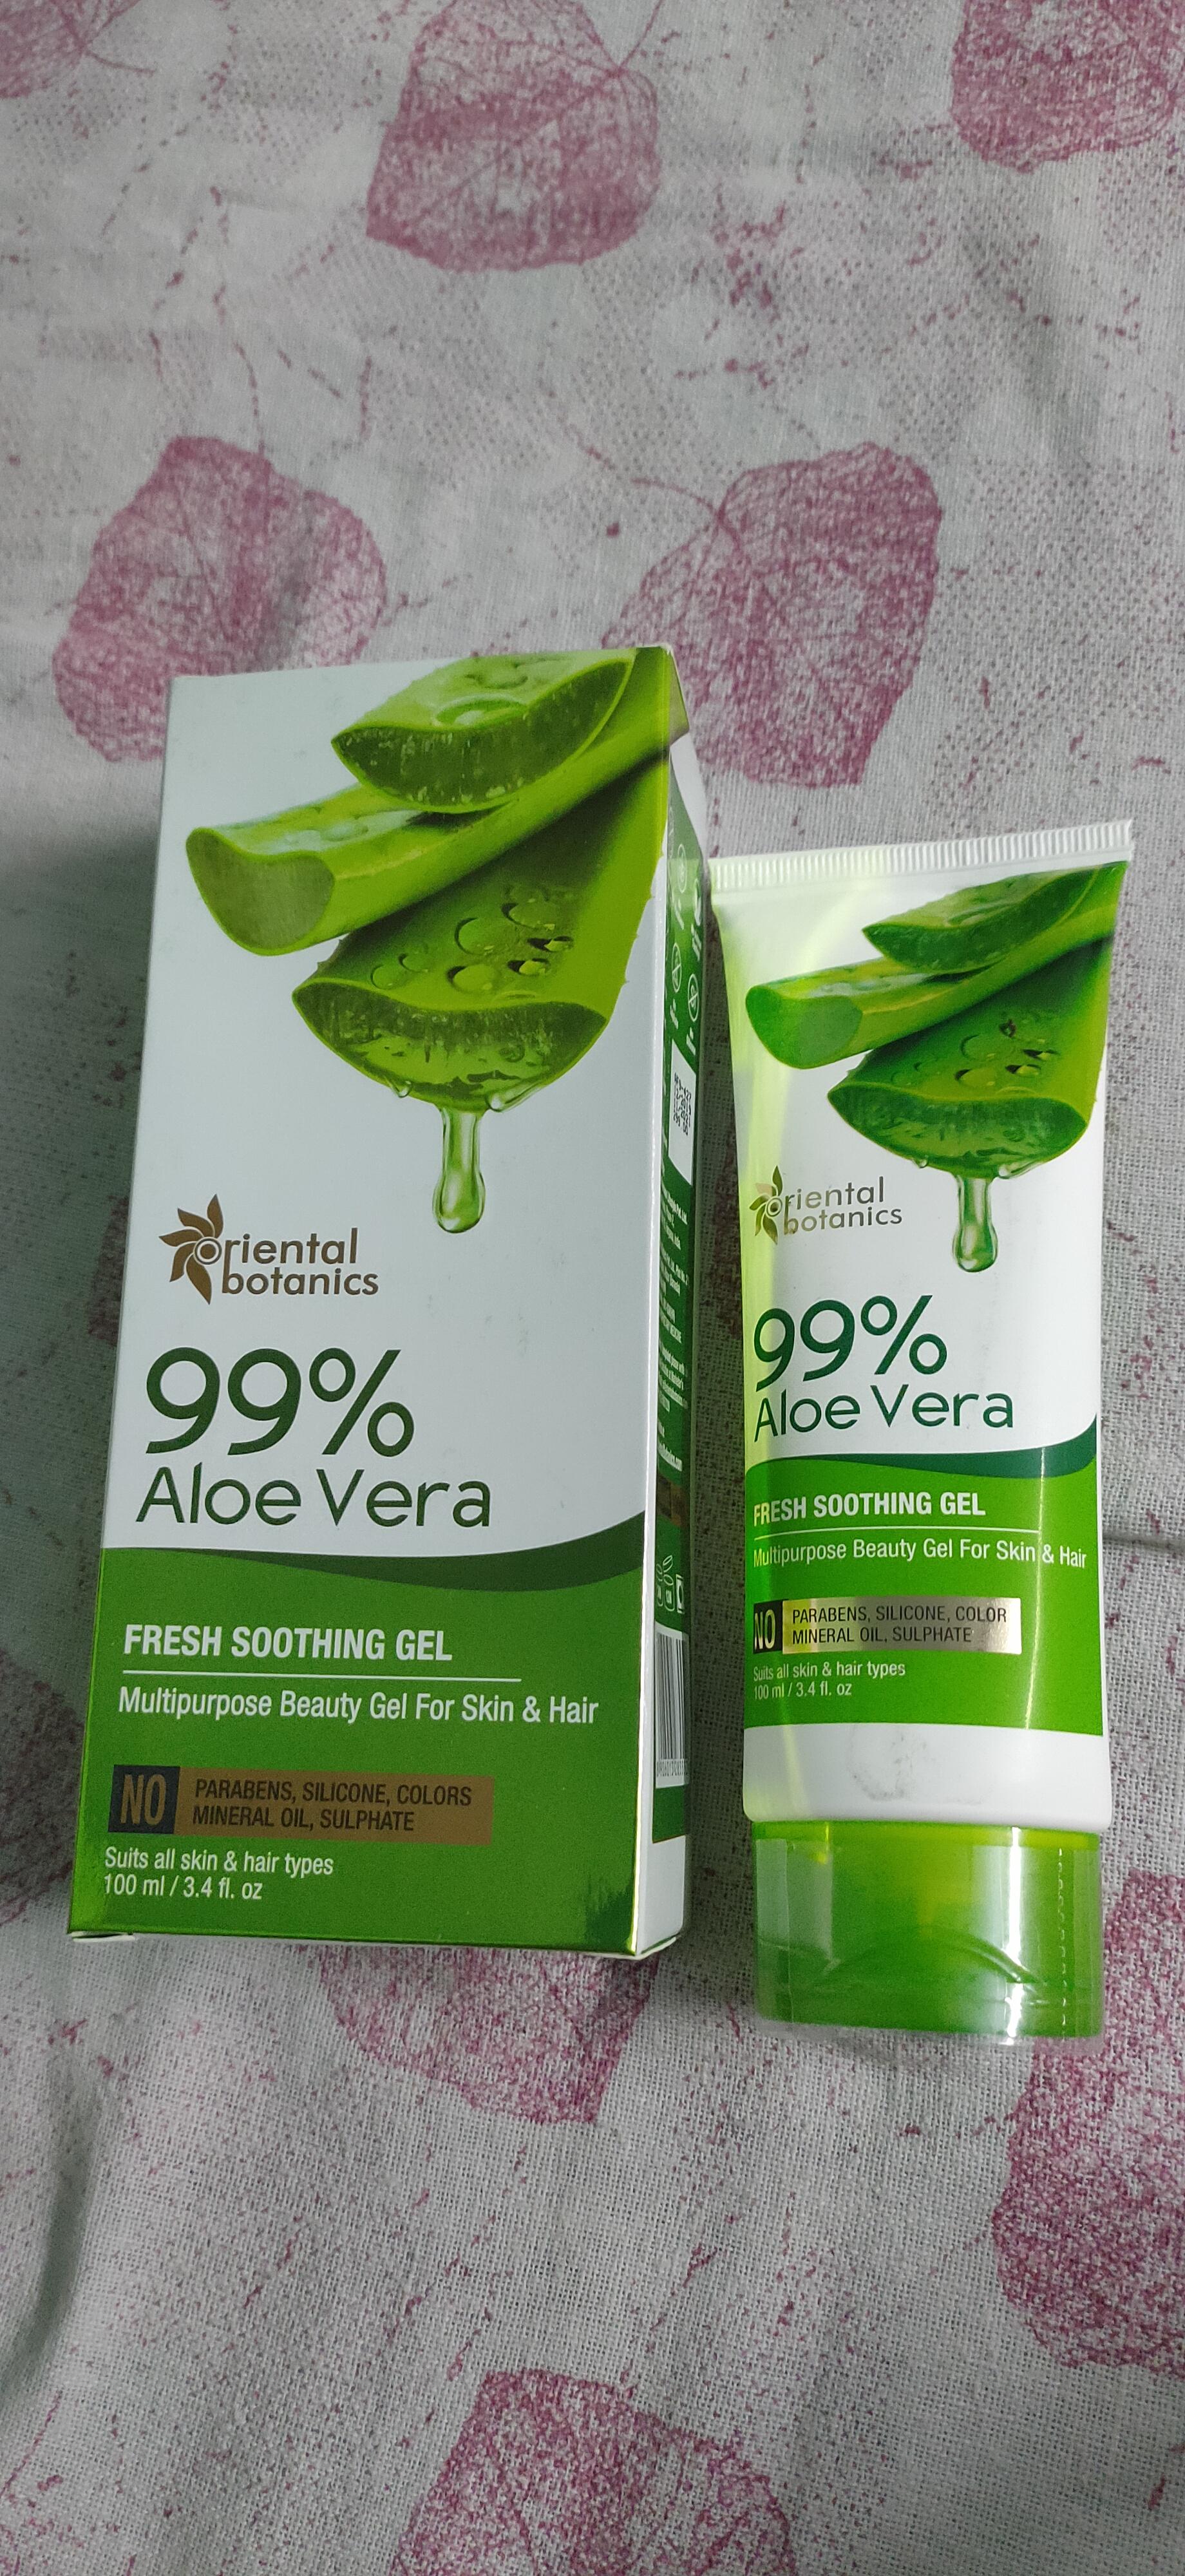 Oriental Botanics 99% Aloe Vera Fresh Soothing Gel For Skin & Hair-Best aleovera gel-By _mystcal_dimples_